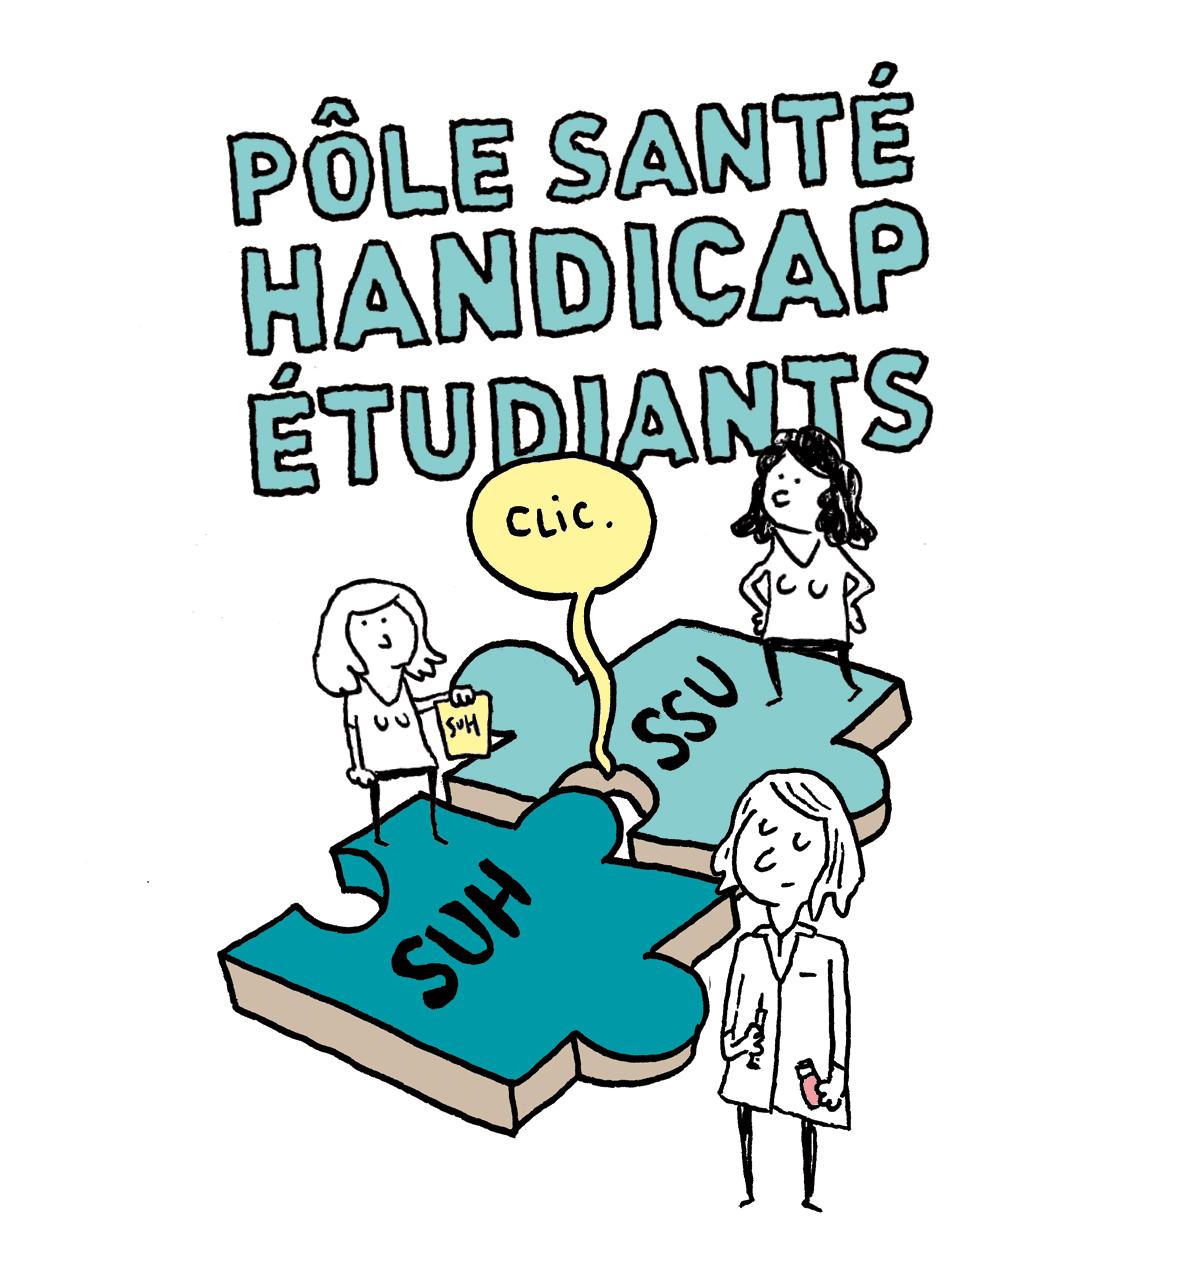 Pôle Santé Handicap Étudiants